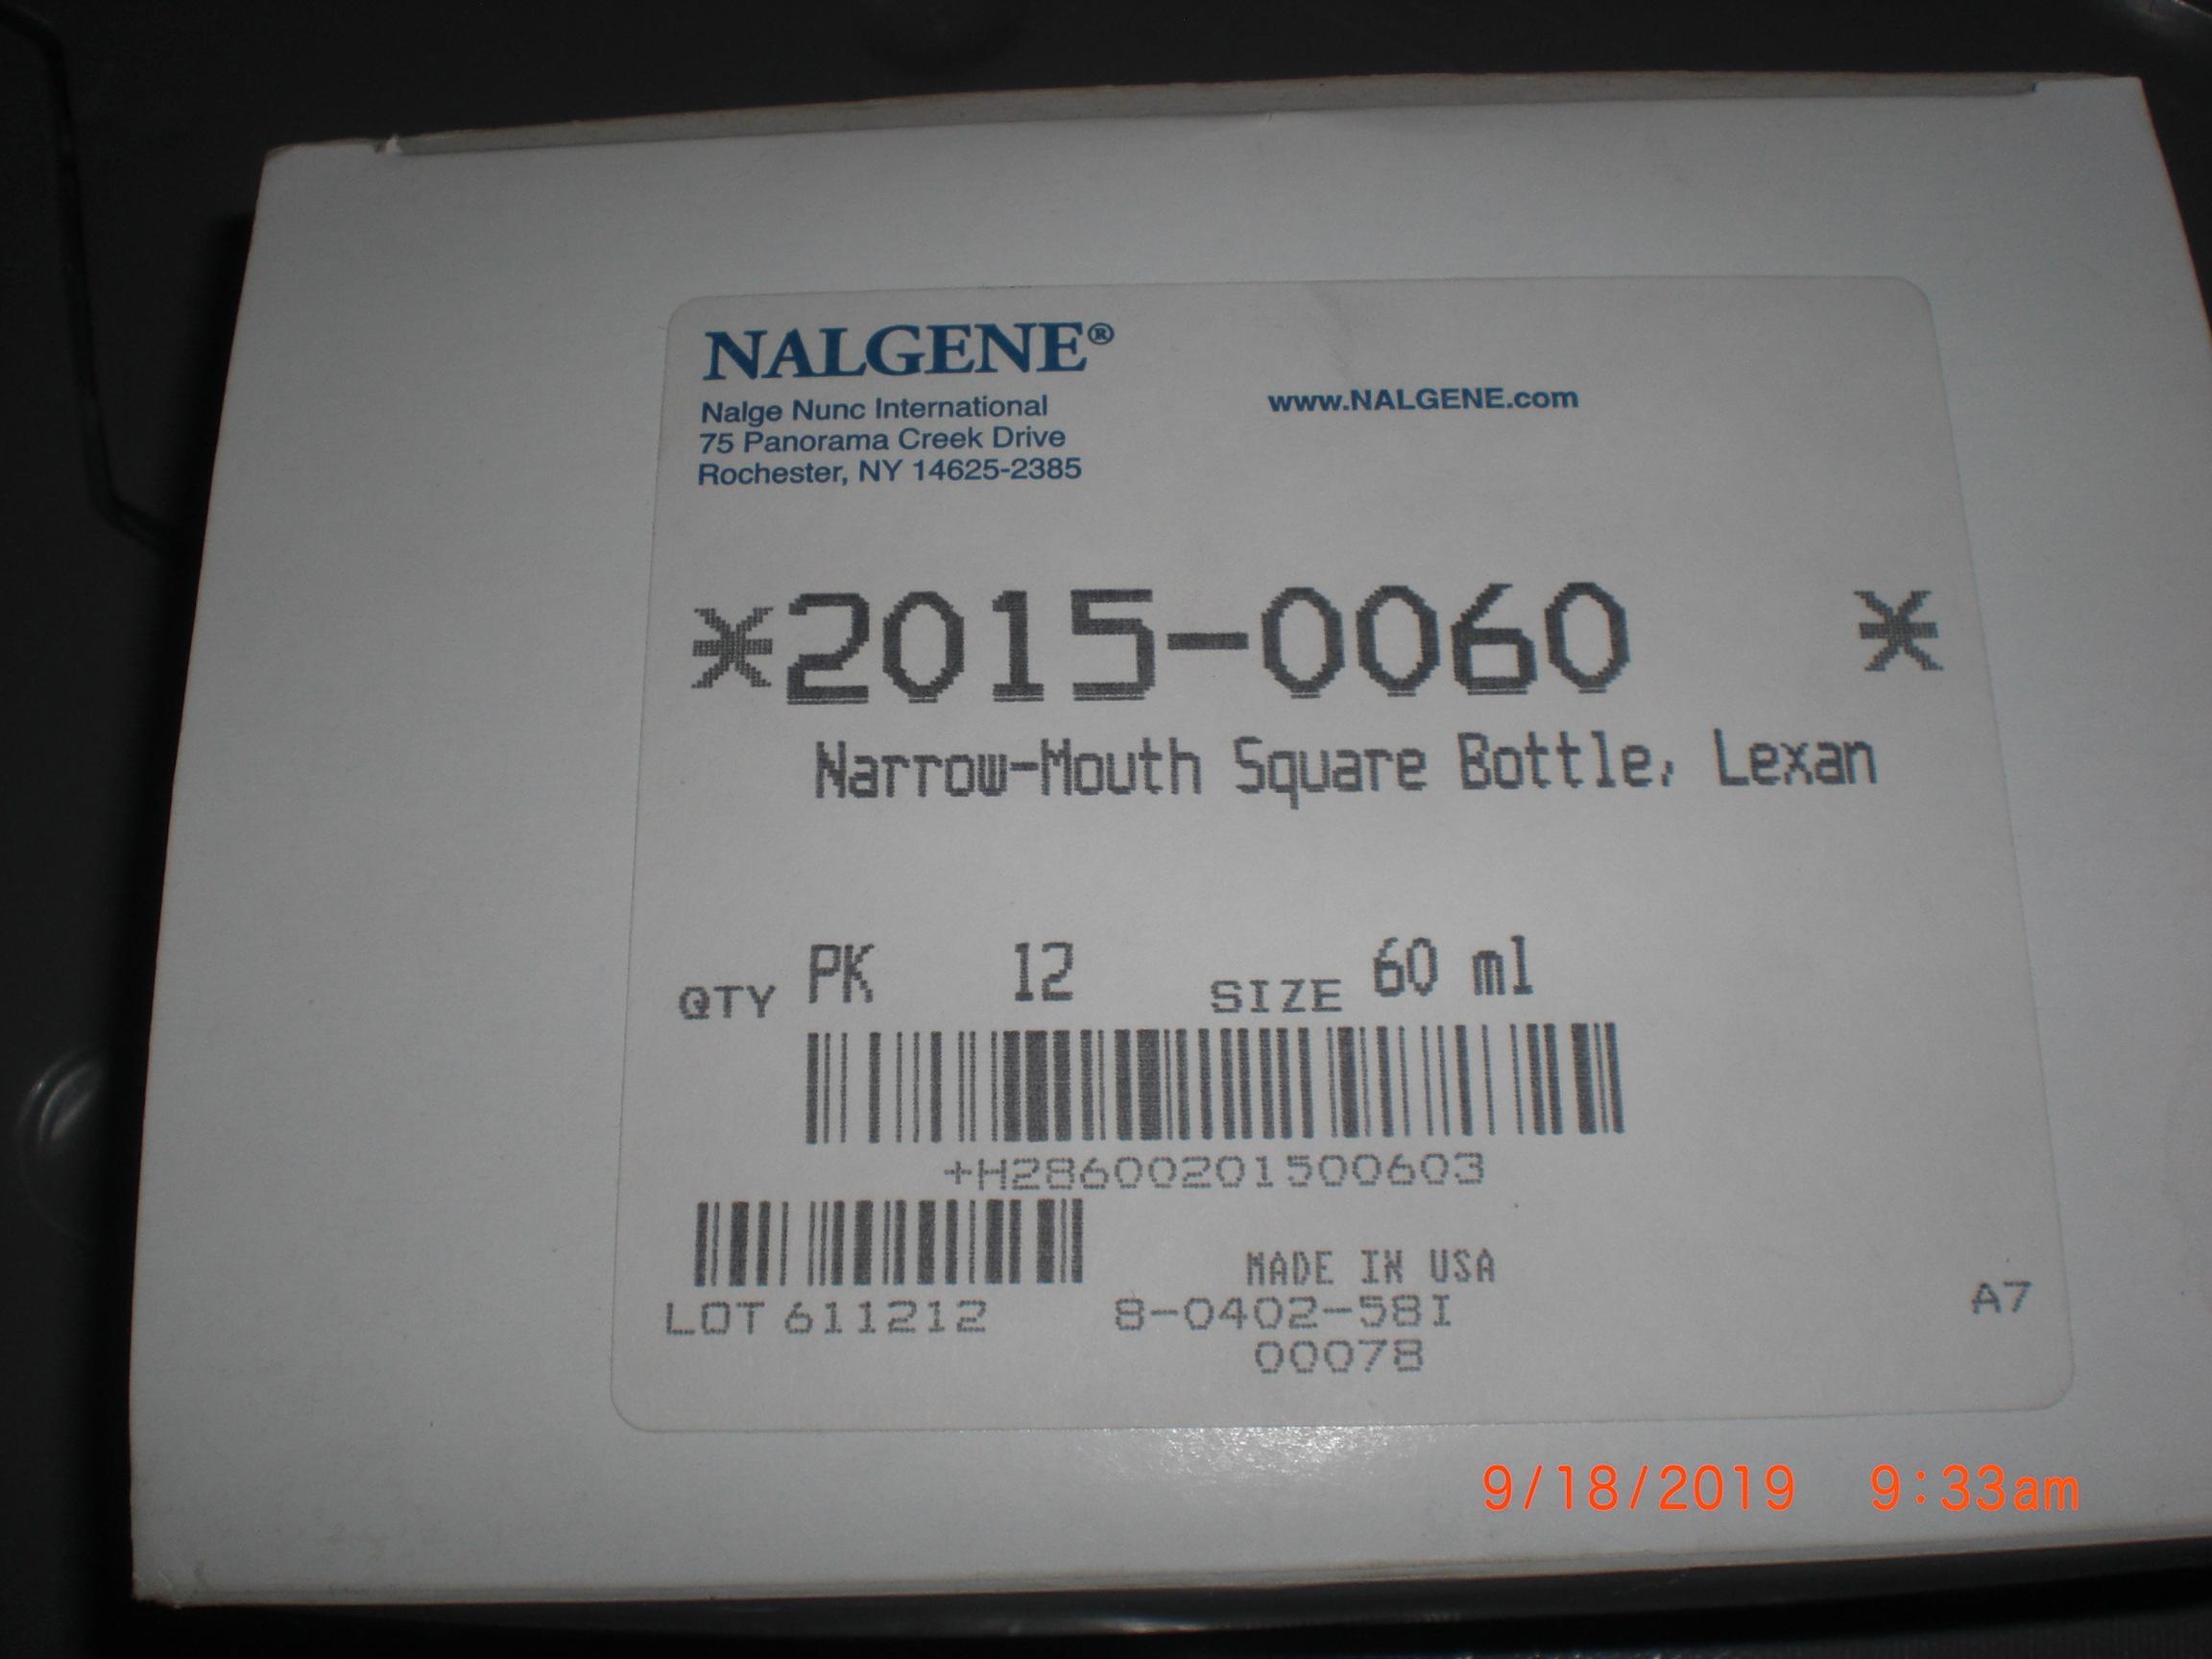 Hardware NALGENE 2015-0060 box of 12 60ml bottle narrow mouth